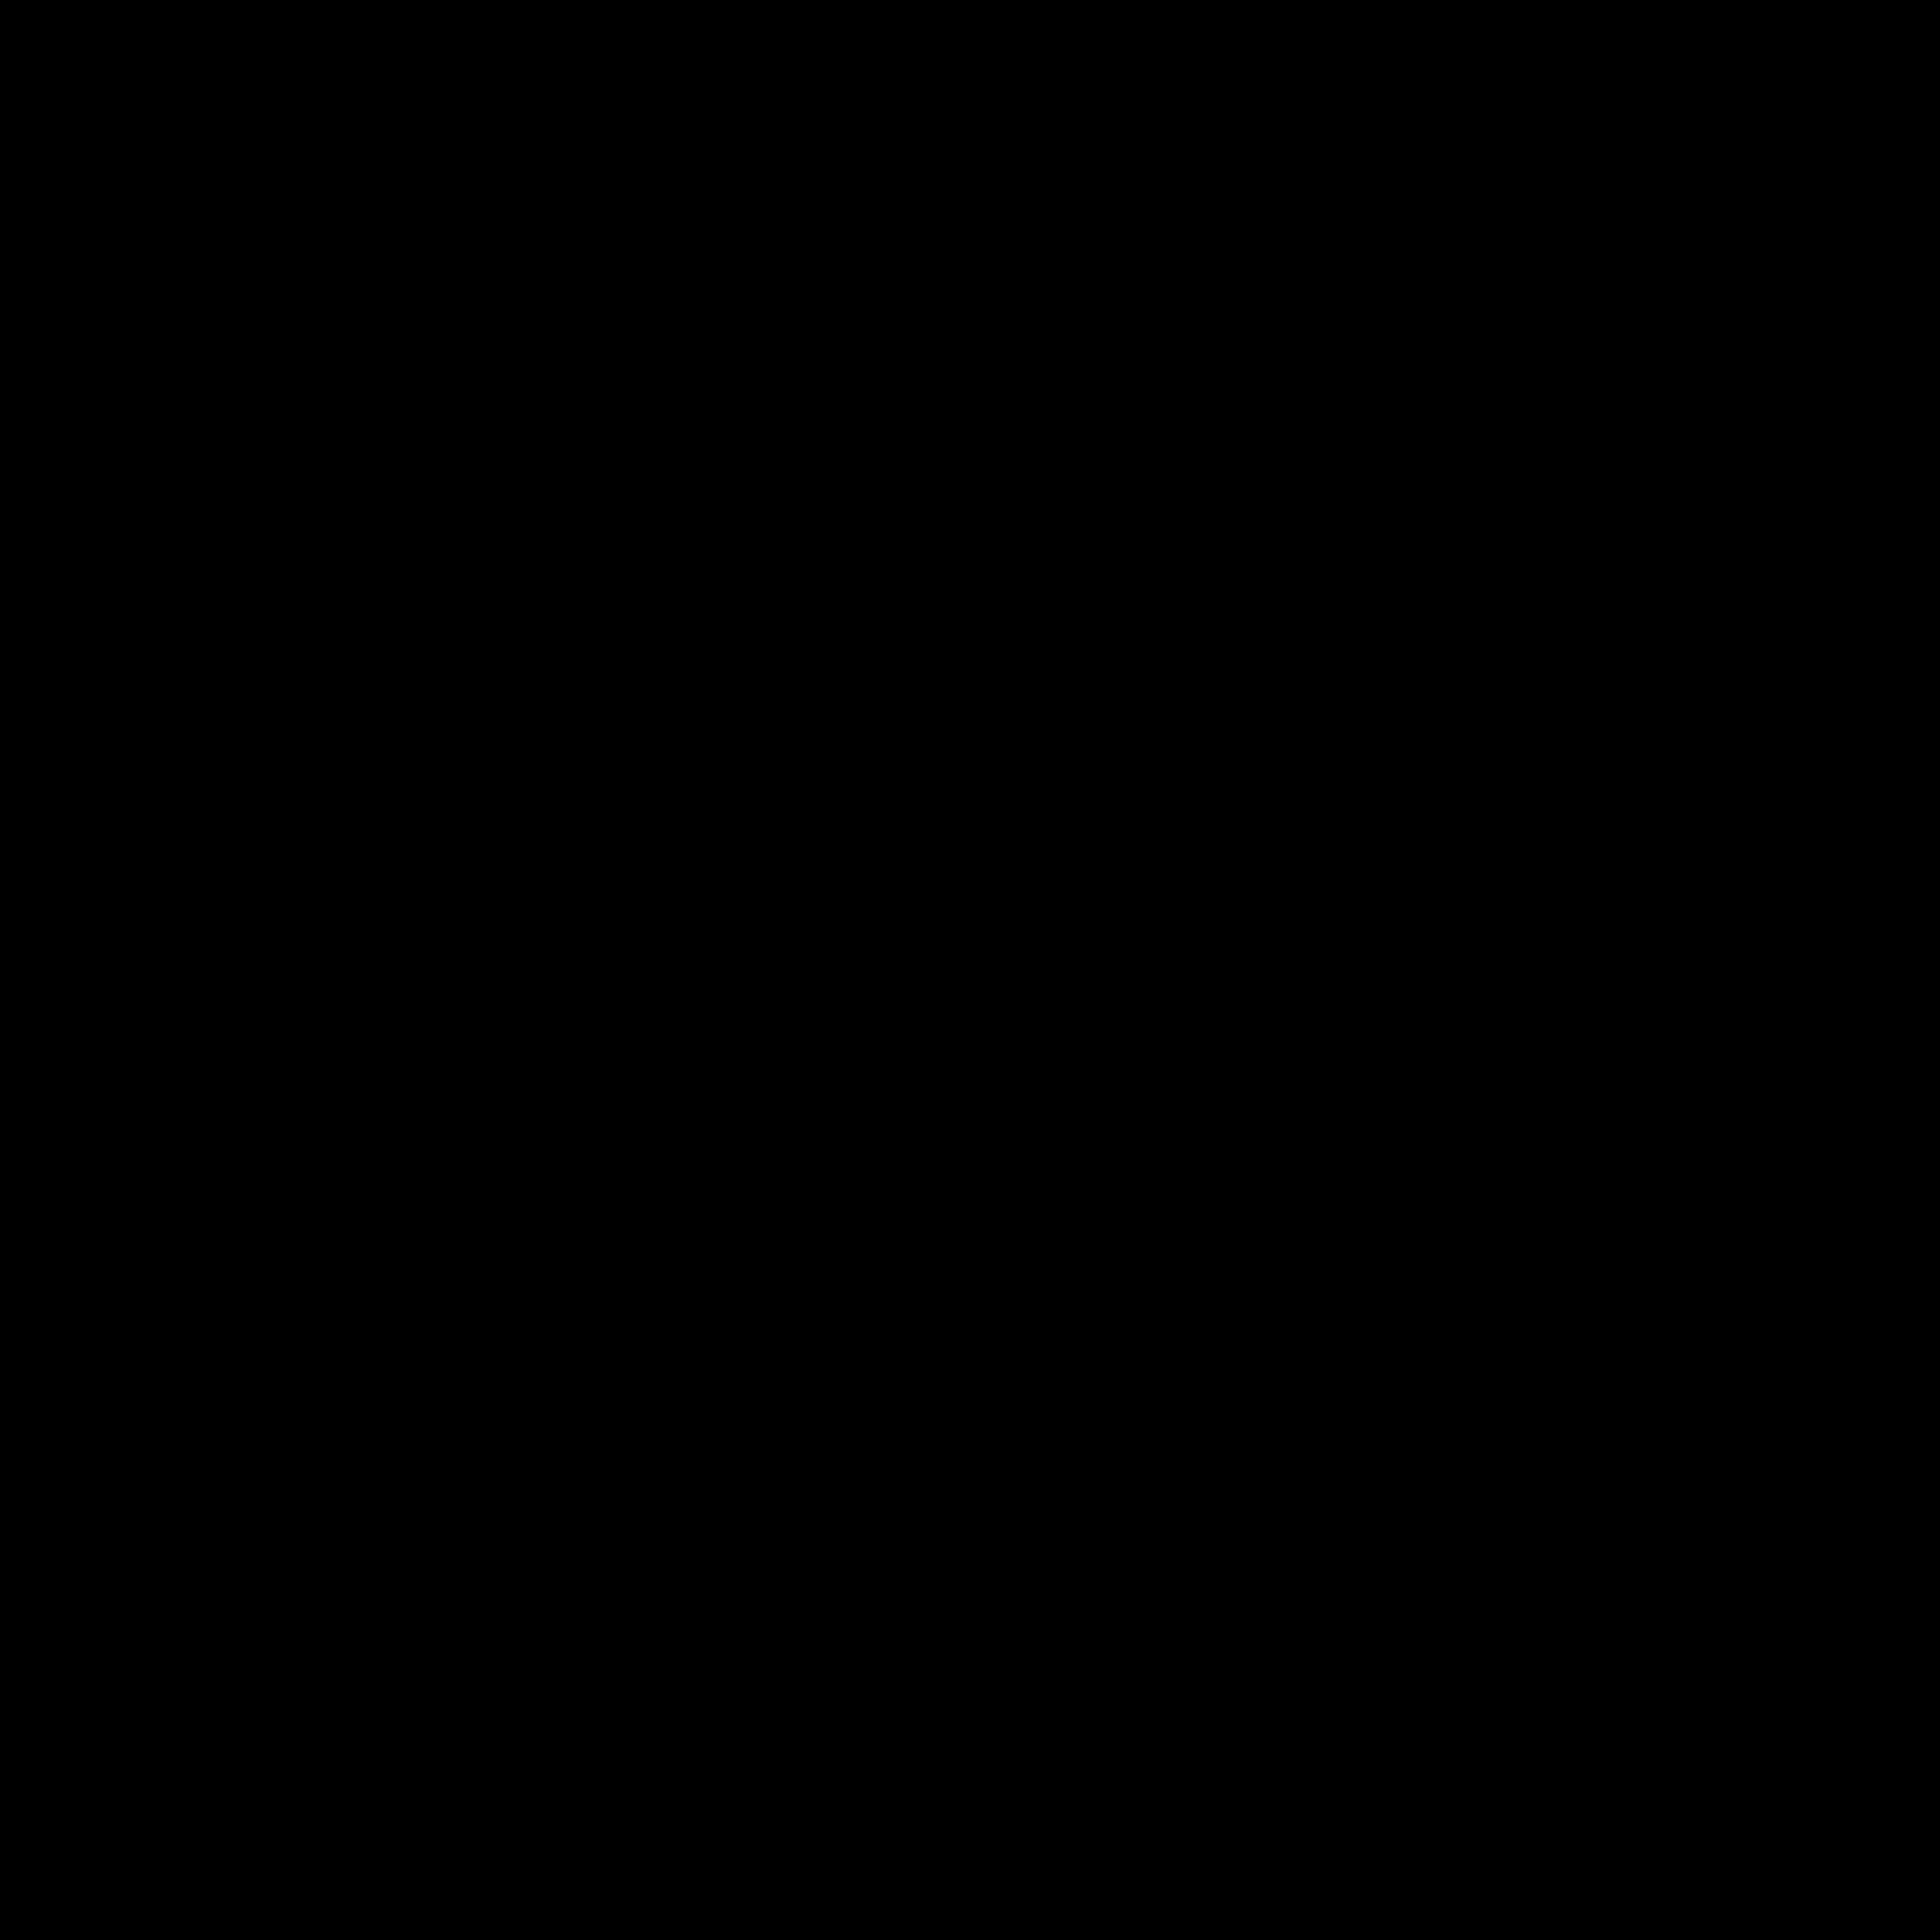 Naklejka na ścianę biblia krzyż 2